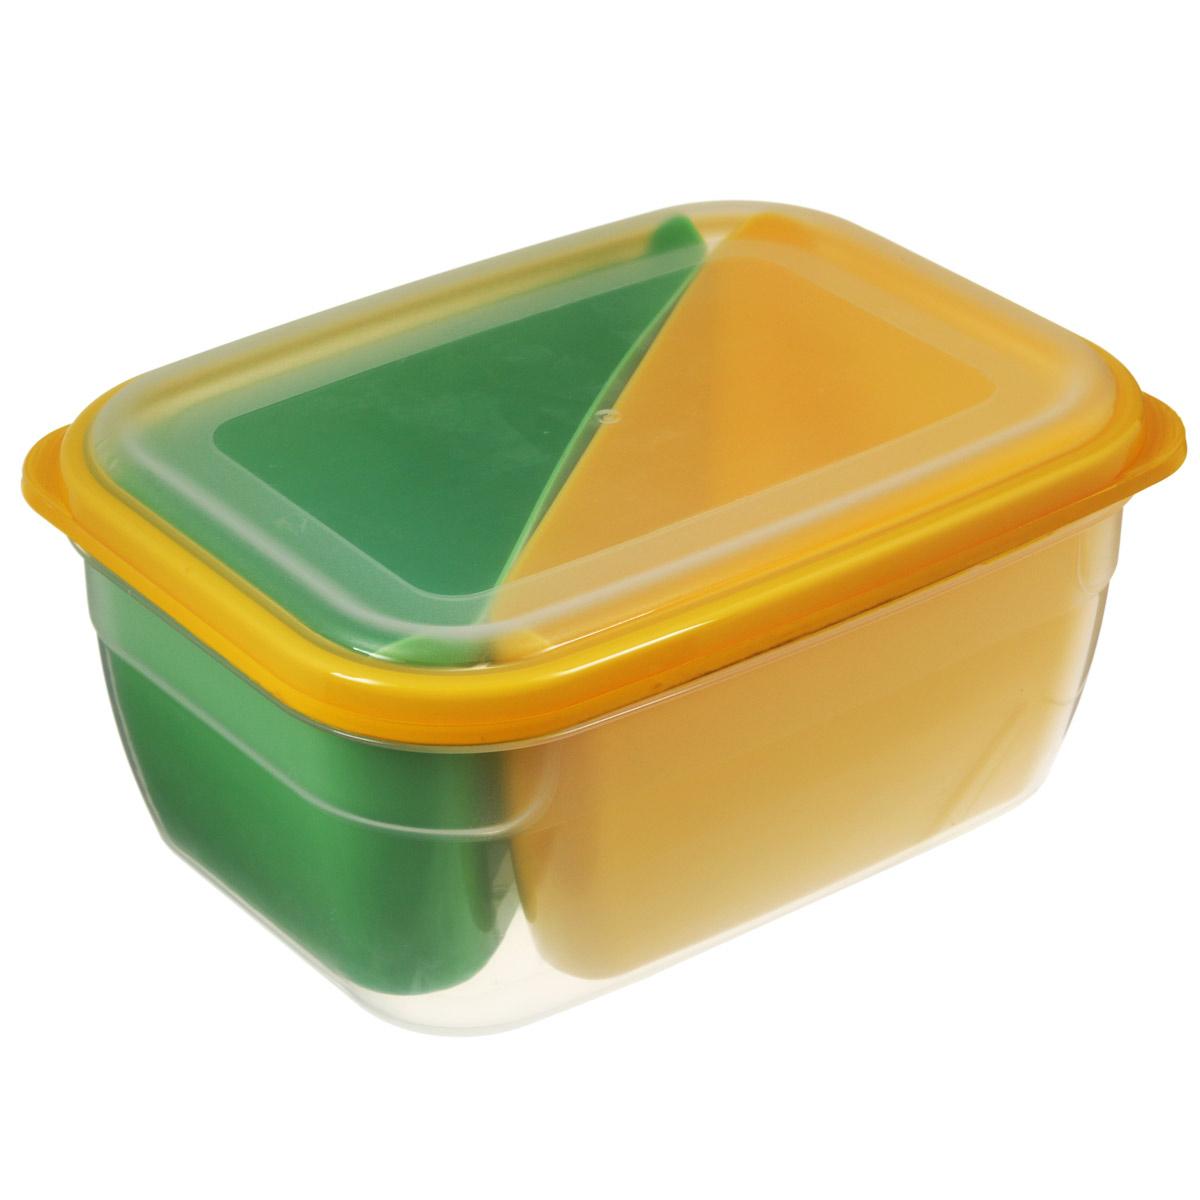 Контейнер-менажница для СВЧ Полимербыт, цвет: зеленый, желтый, 1,8 лС56401Контейнер-менажница для СВЧ Полимербыт изготовлен из высококачественного прочного пластика, устойчивого к высоким температурам (до +120°С). Крышка плотно закрывается, дольше сохраняя продукты свежими и вкусными. Контейнер снабжен 2 цветными секциями, которые позволяют хранить сразу несколько продуктов или блюд. Он идеально подходит для хранения пищи, его удобно брать с собой на работу, учебу, пикник или просто использовать для хранения пищи в холодильнике. Можно использовать в микроволновой печи и для заморозки в морозильной камере. Можно мыть в посудомоечной машине. Размер секции: 9 см х 18,5 см х 7,5 см. Размер контейнера: 19,5 см х 14,5 см х 9 см.